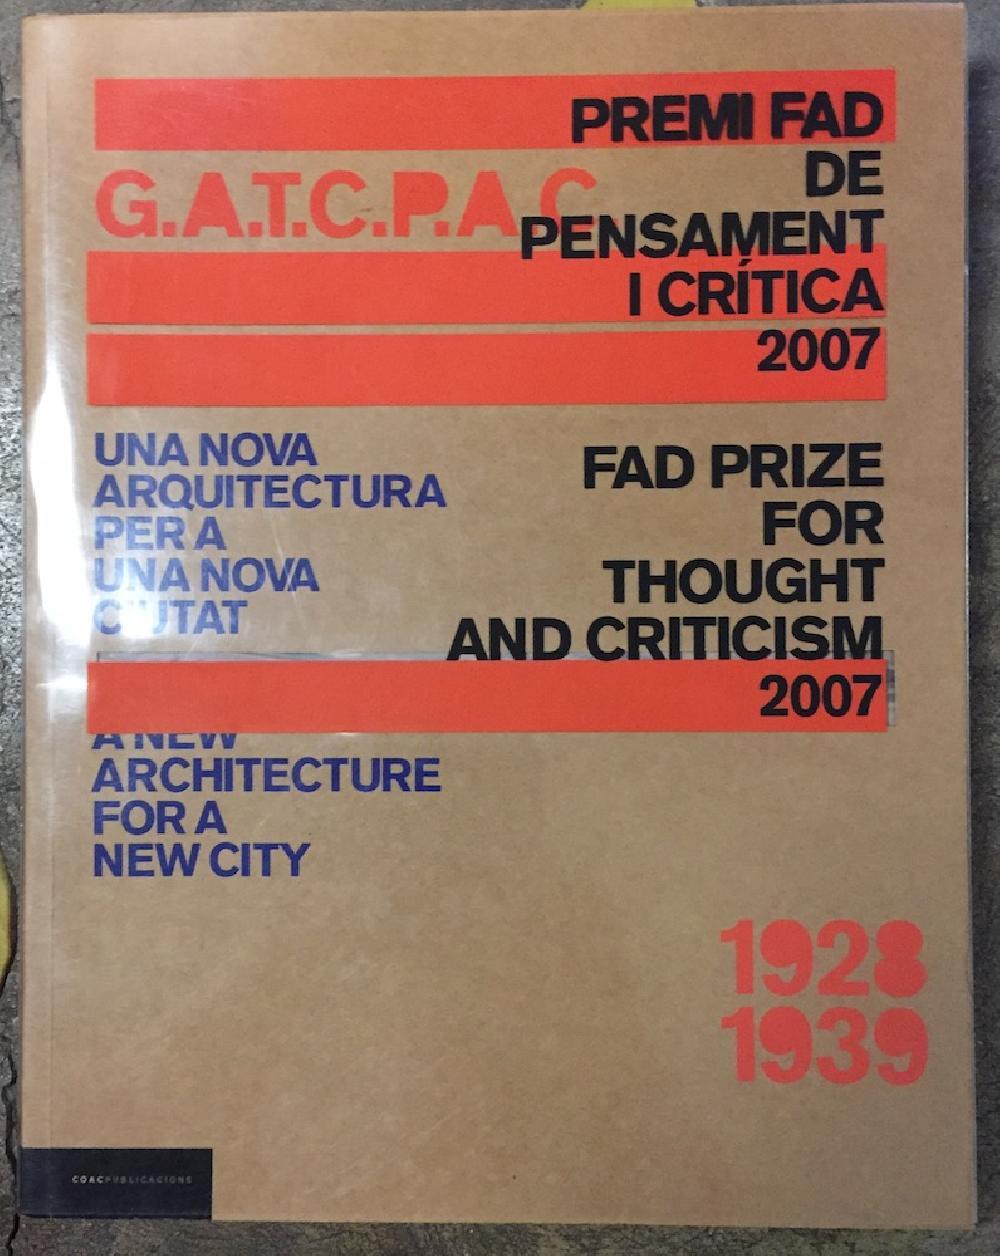 Una nueva arquitectura para una nueva ciudad / A new architecture for a new city G.A.T.C.P.A.C. 1928